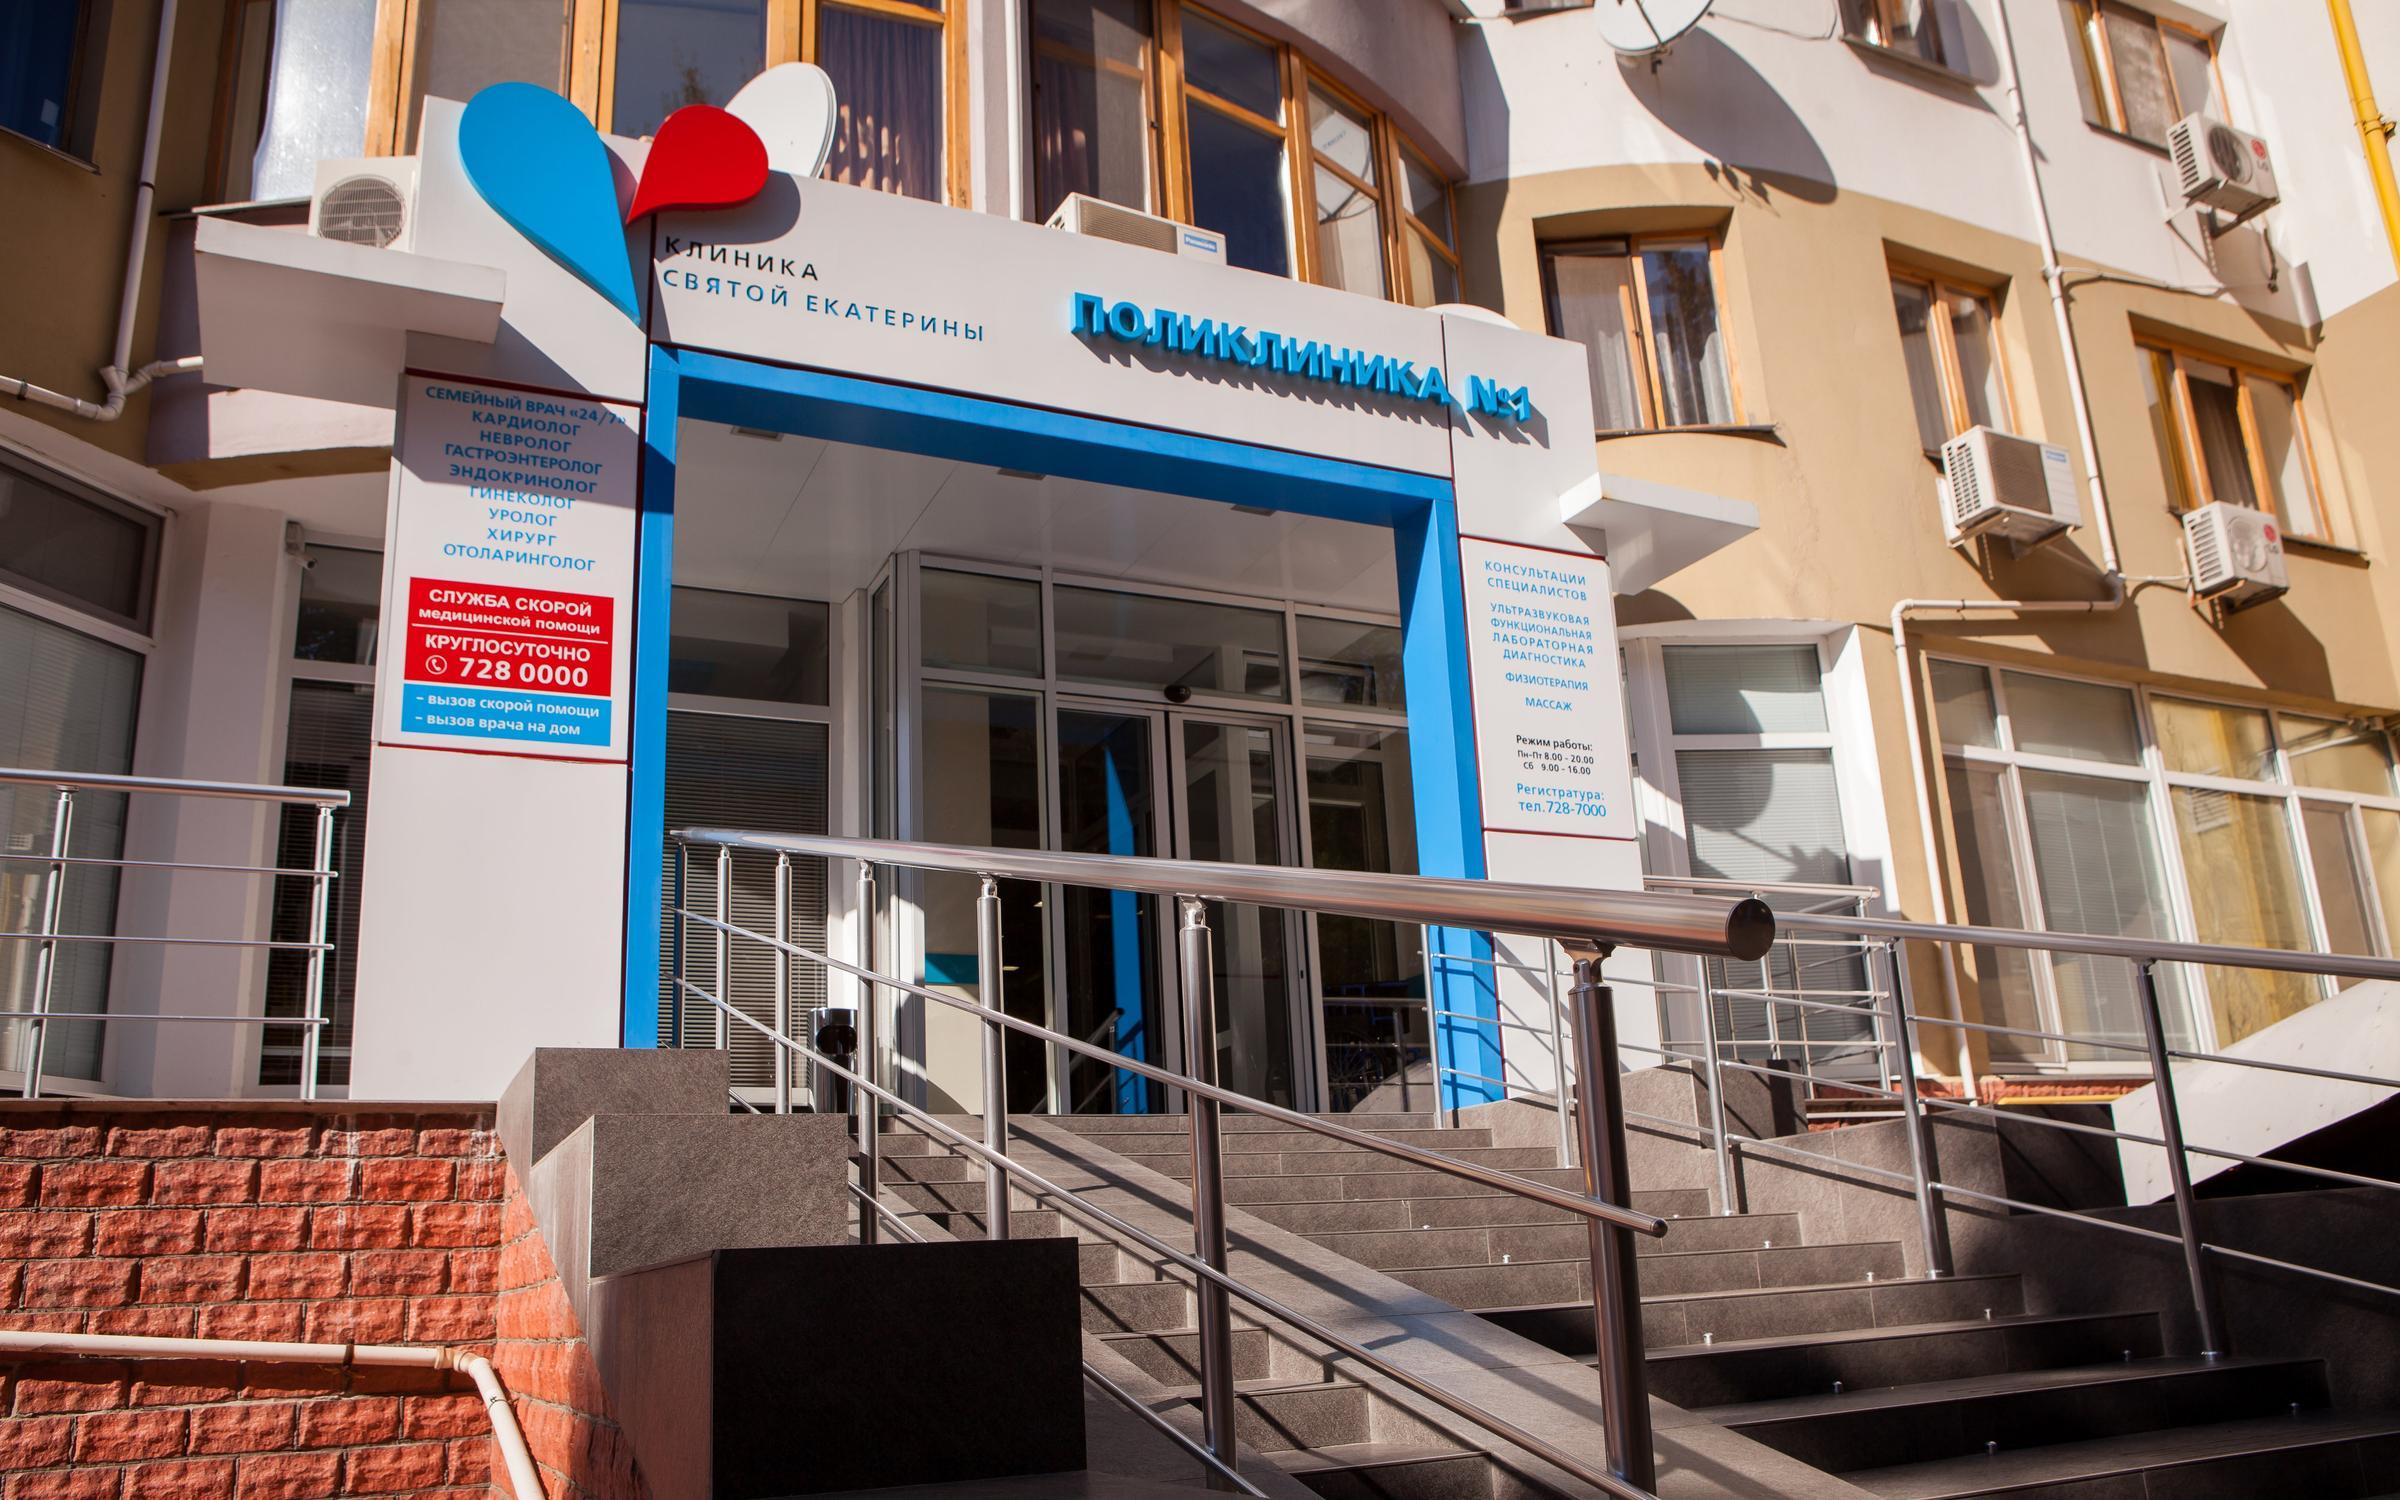 фотография Многопрофильная Поликлиника №1 в Приморском районе